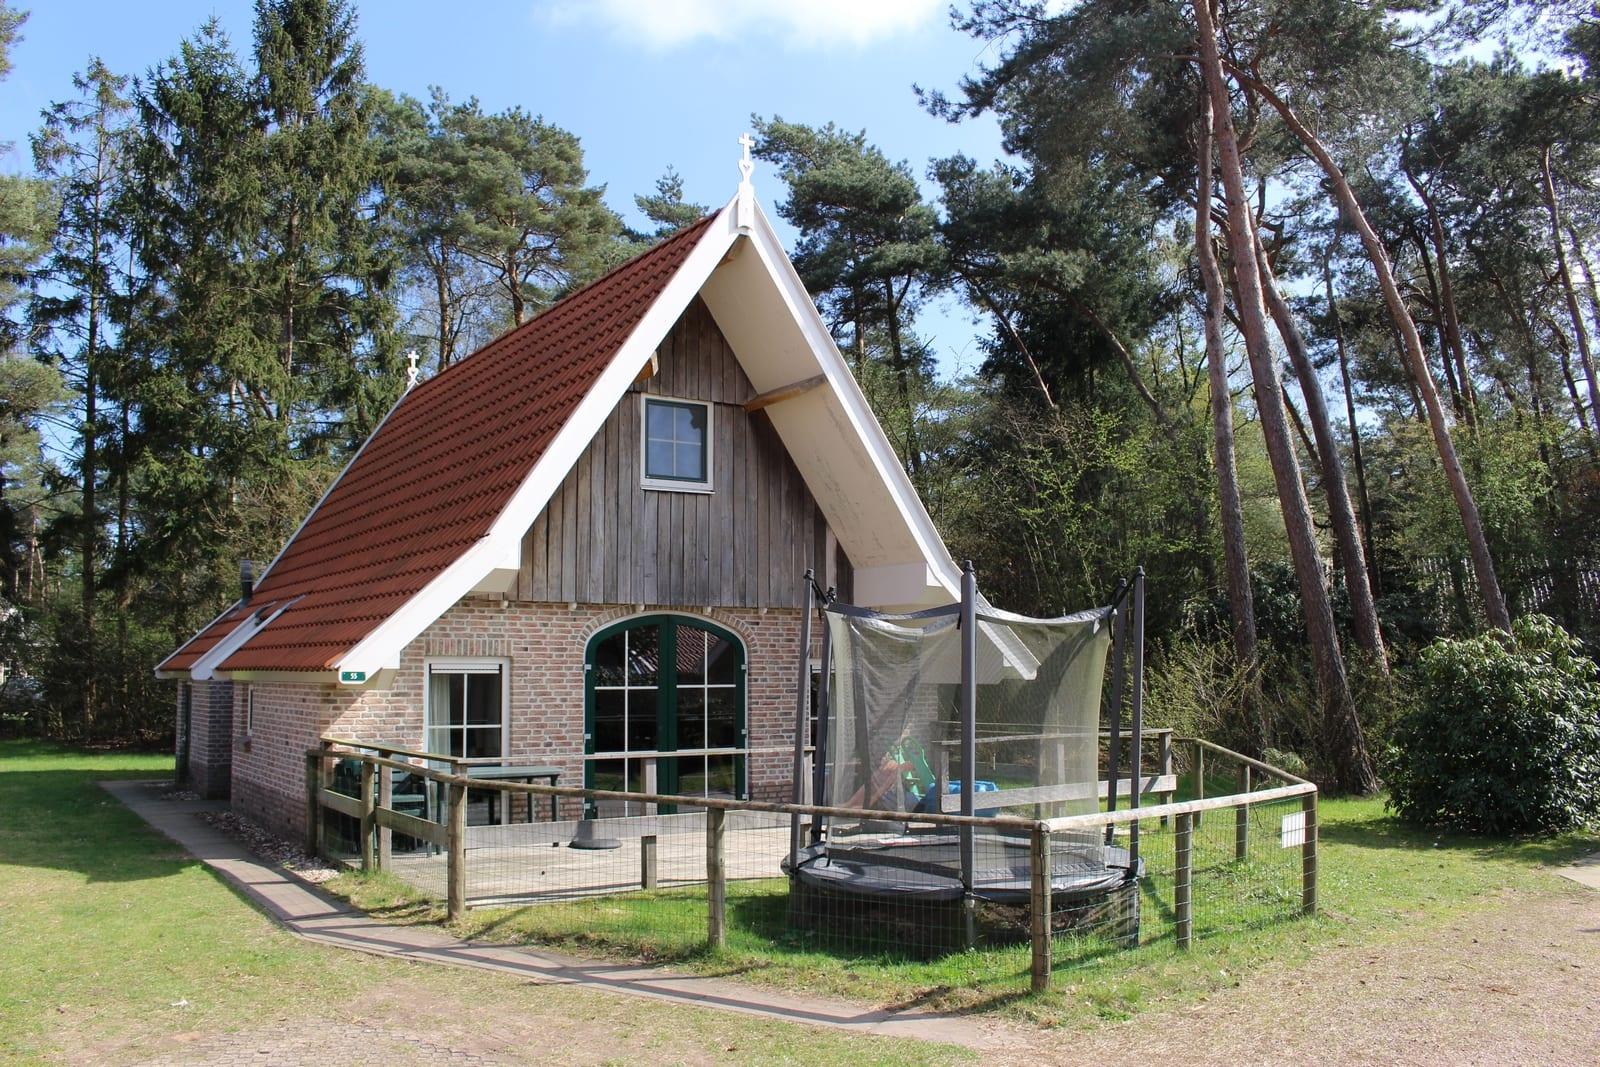 1 Vakantiehuis Landgoed De Hellendoornse Berg nr. 55 - Spiekink 4-pers. Kinder